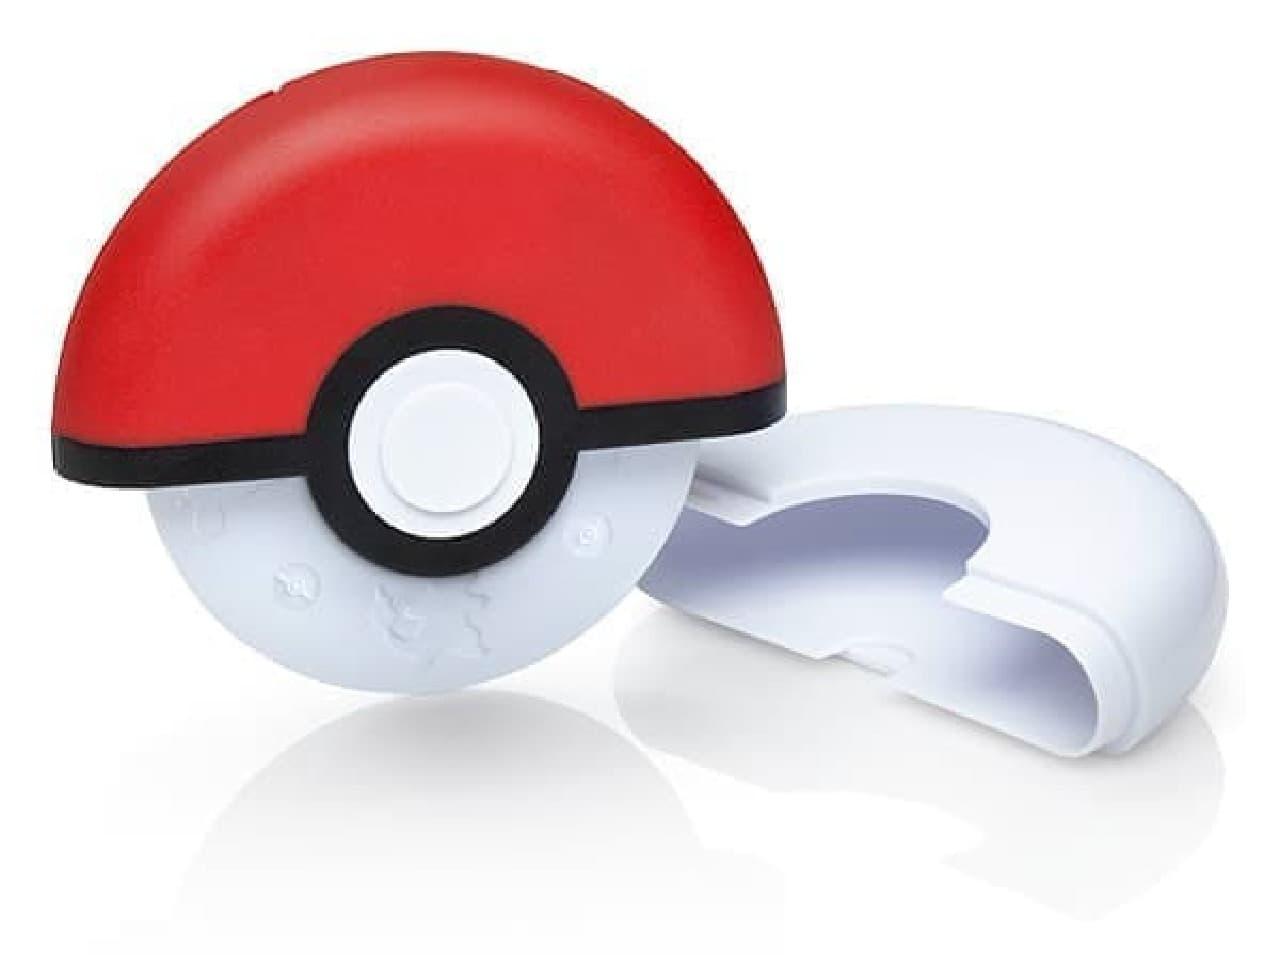 モンスターボールみたいなピザカッター「Poke Ball Pizza Cutter」